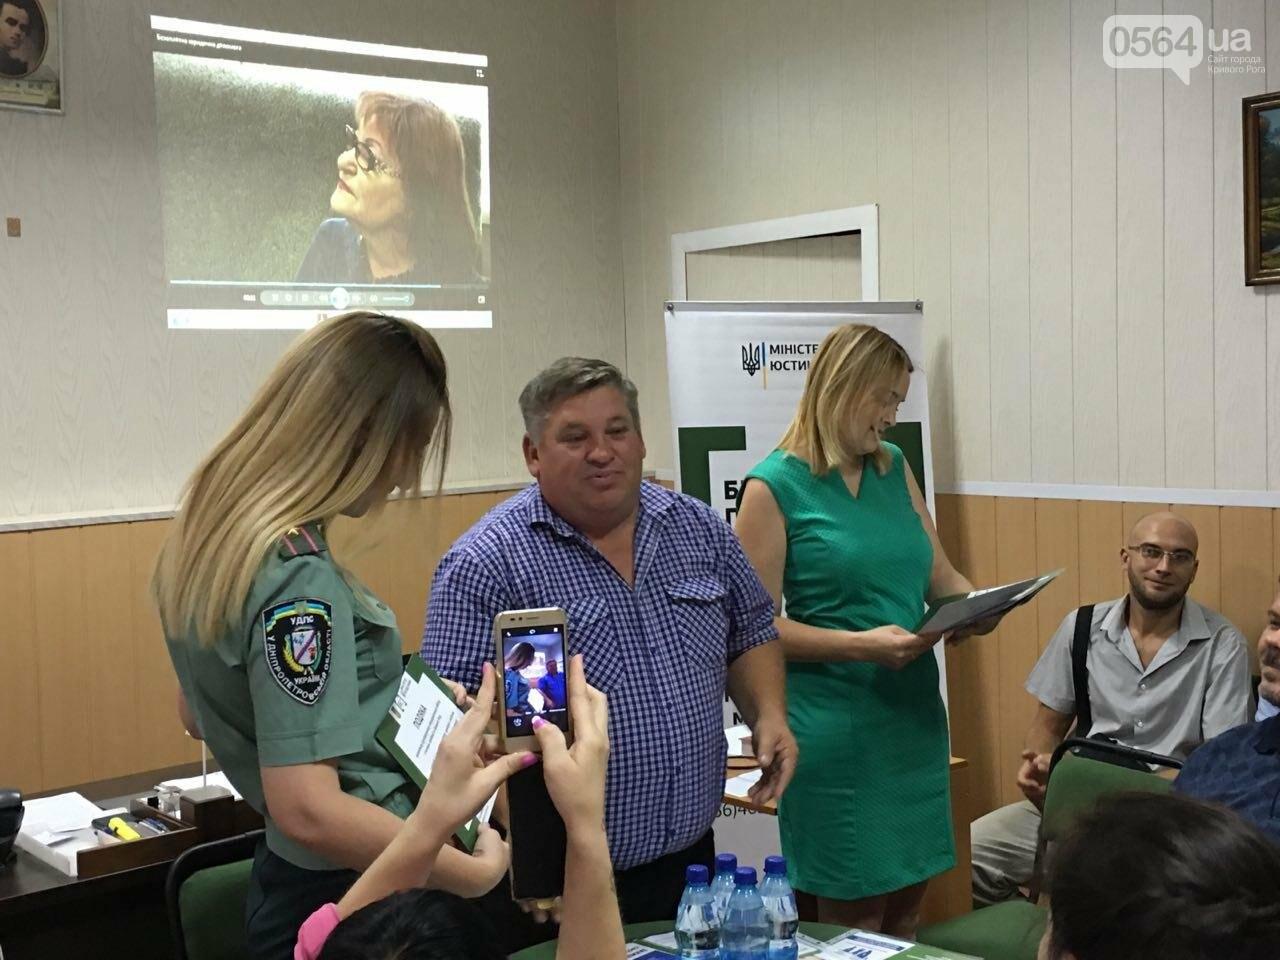 Криворожские центры по предоставлению бесплатной правовой помощи подвели итоги работы за 3 года, - ФОТО, фото-18